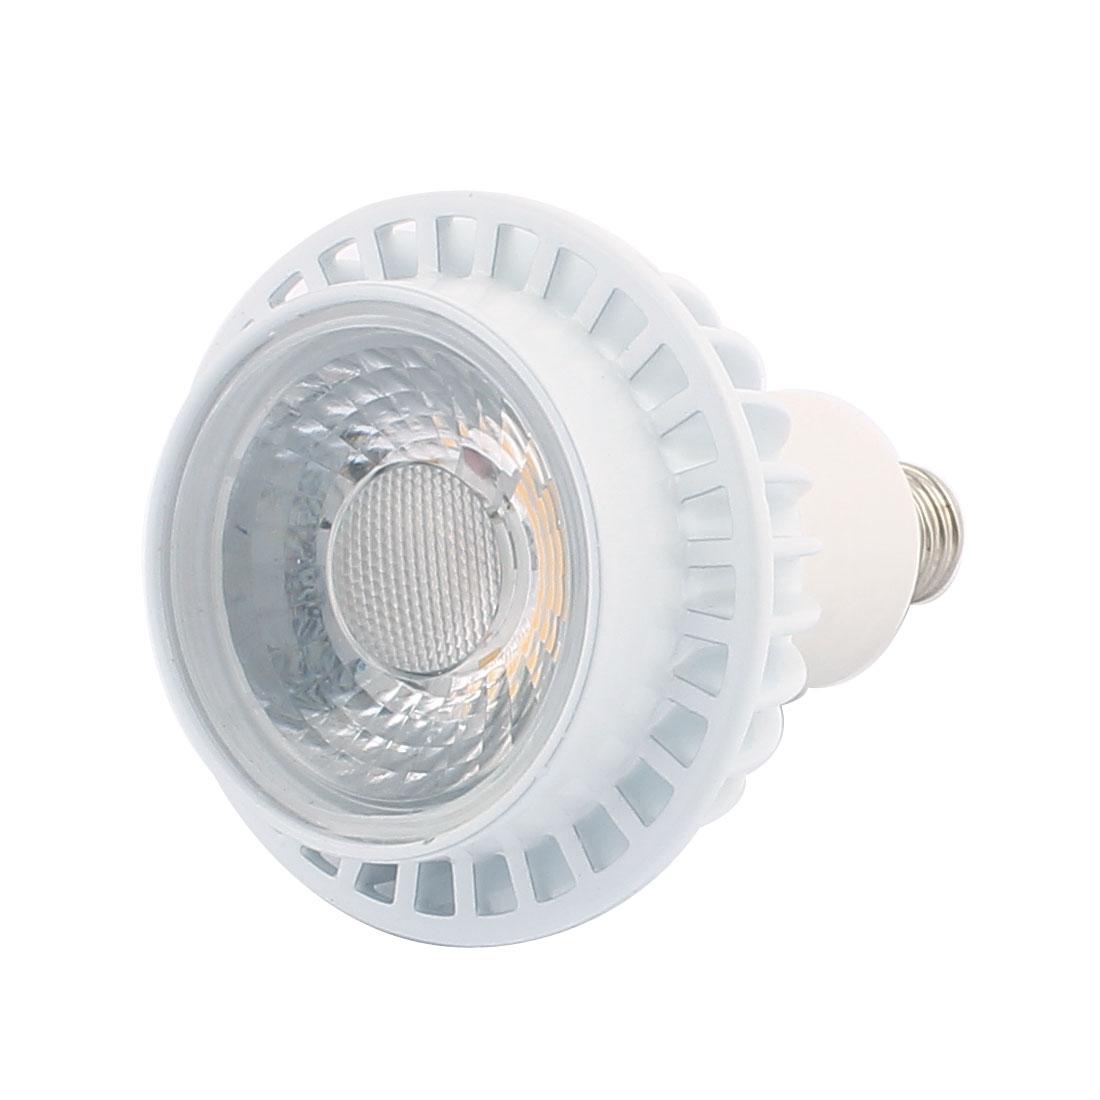 AC85-265V 3W Bright E11 COB LED Spot Down Light Lamp Energy Saving Warm White